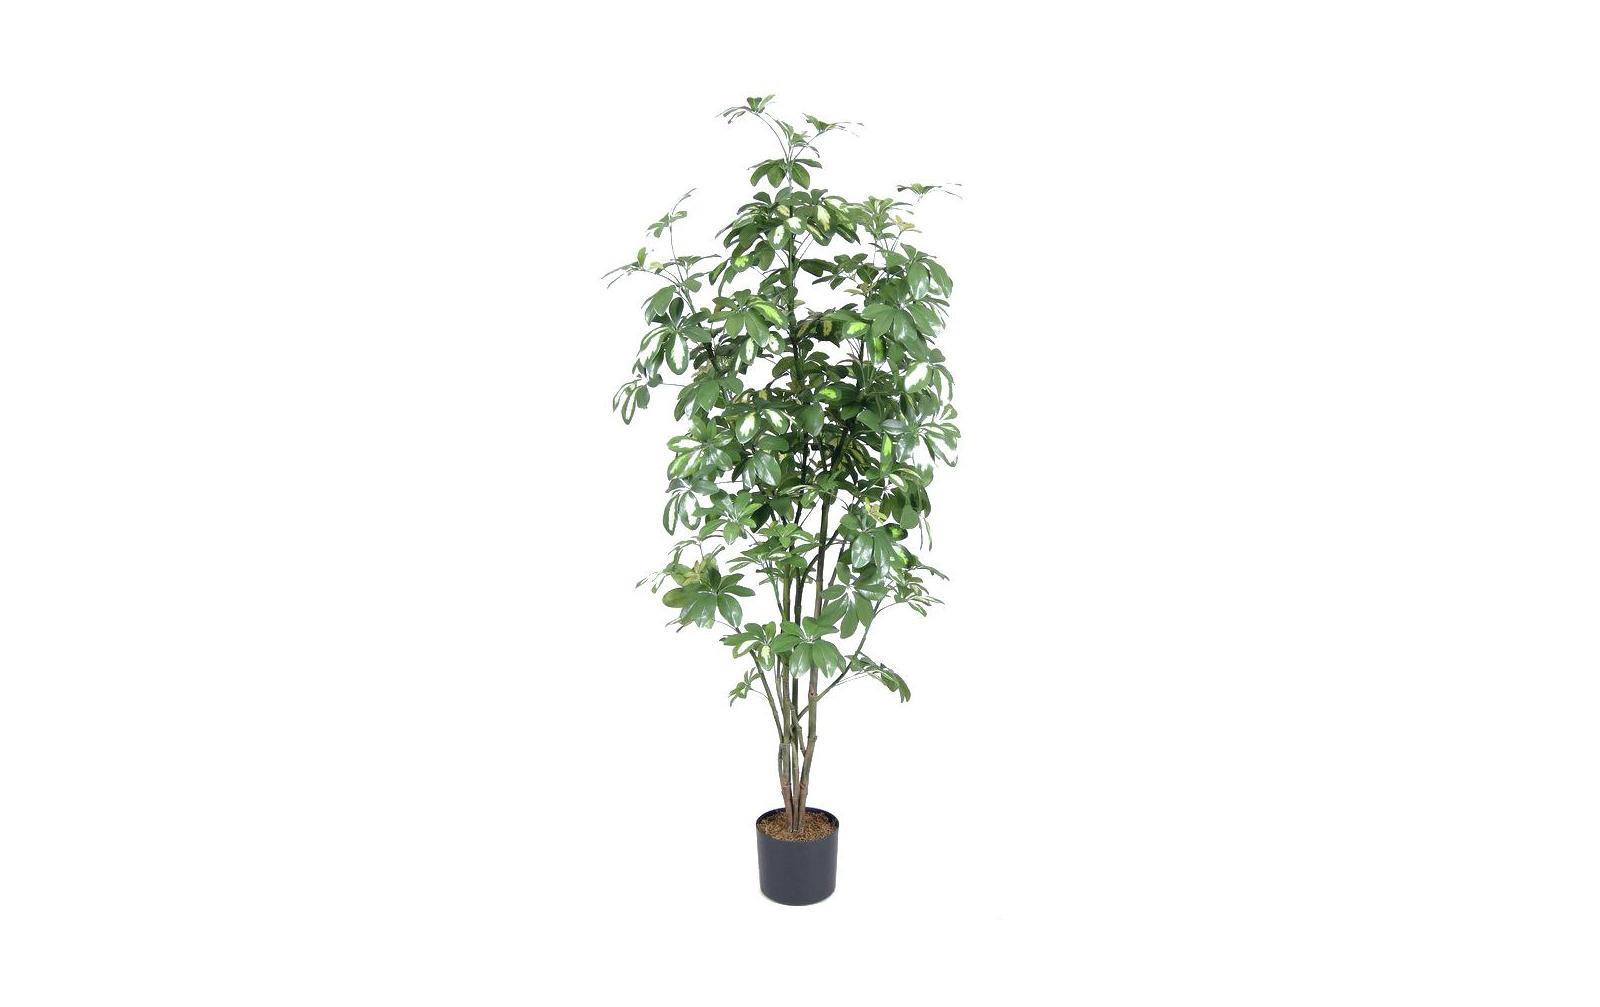 europalms-schefflera-150cm-kunststoffpflanze